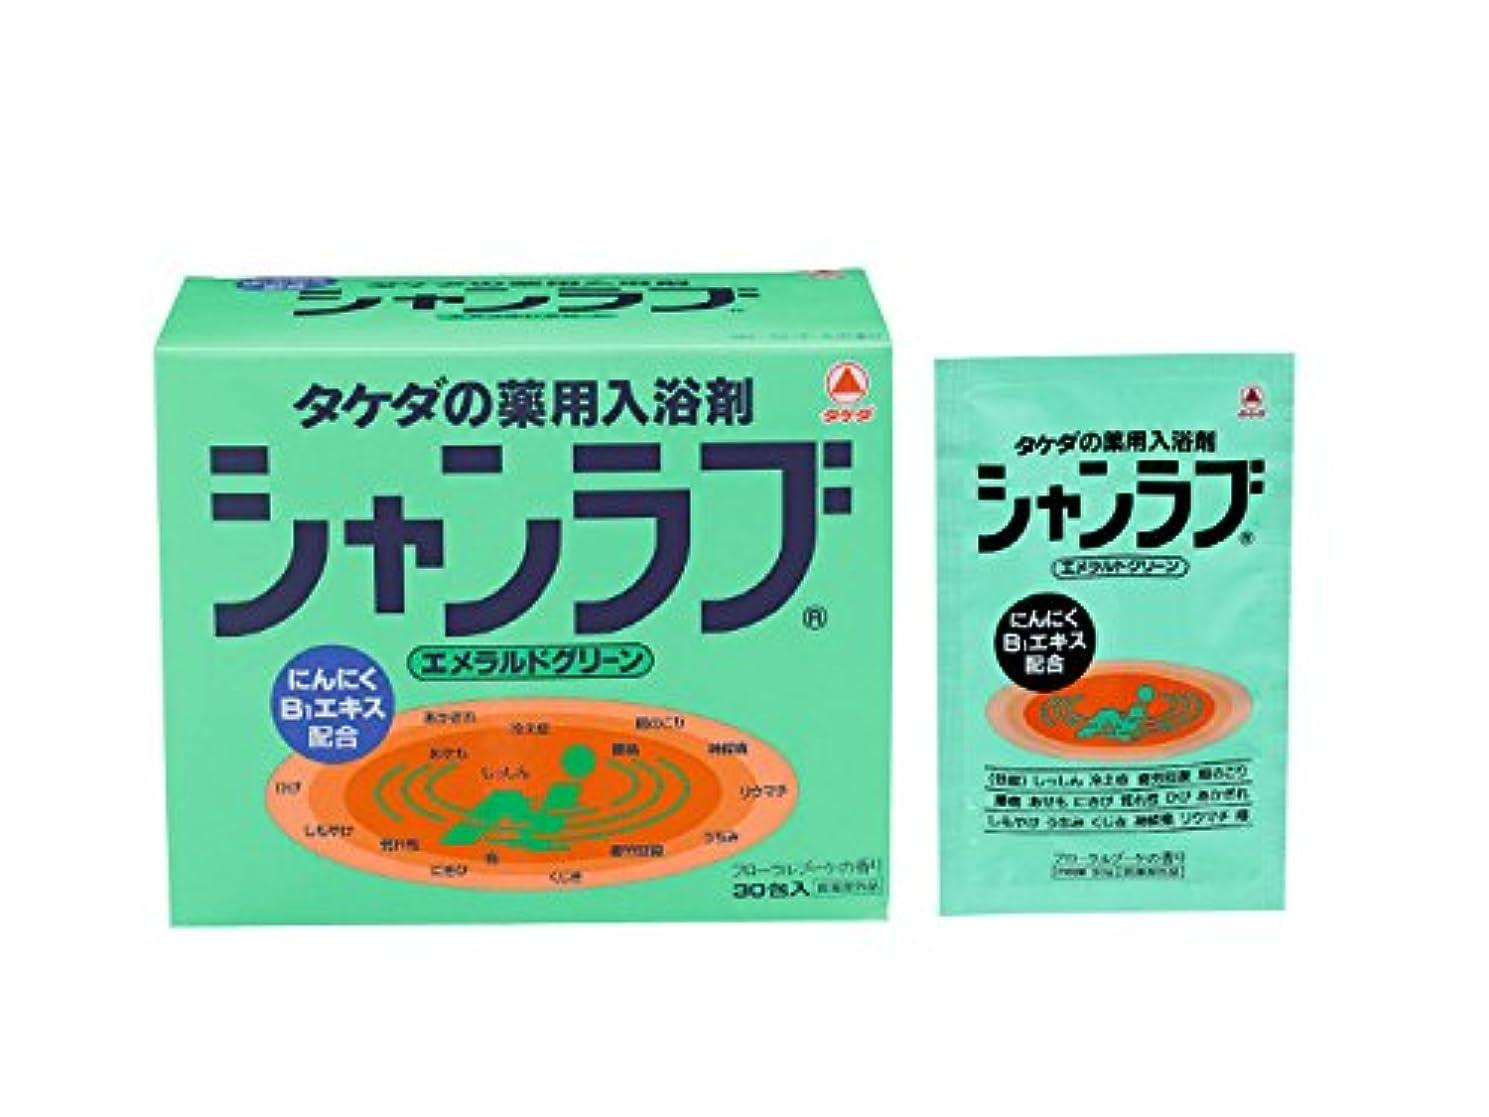 魅惑する内なるブラスト武田コンシューマーヘルスケア シャンラブ エメラルドグリーン 30包